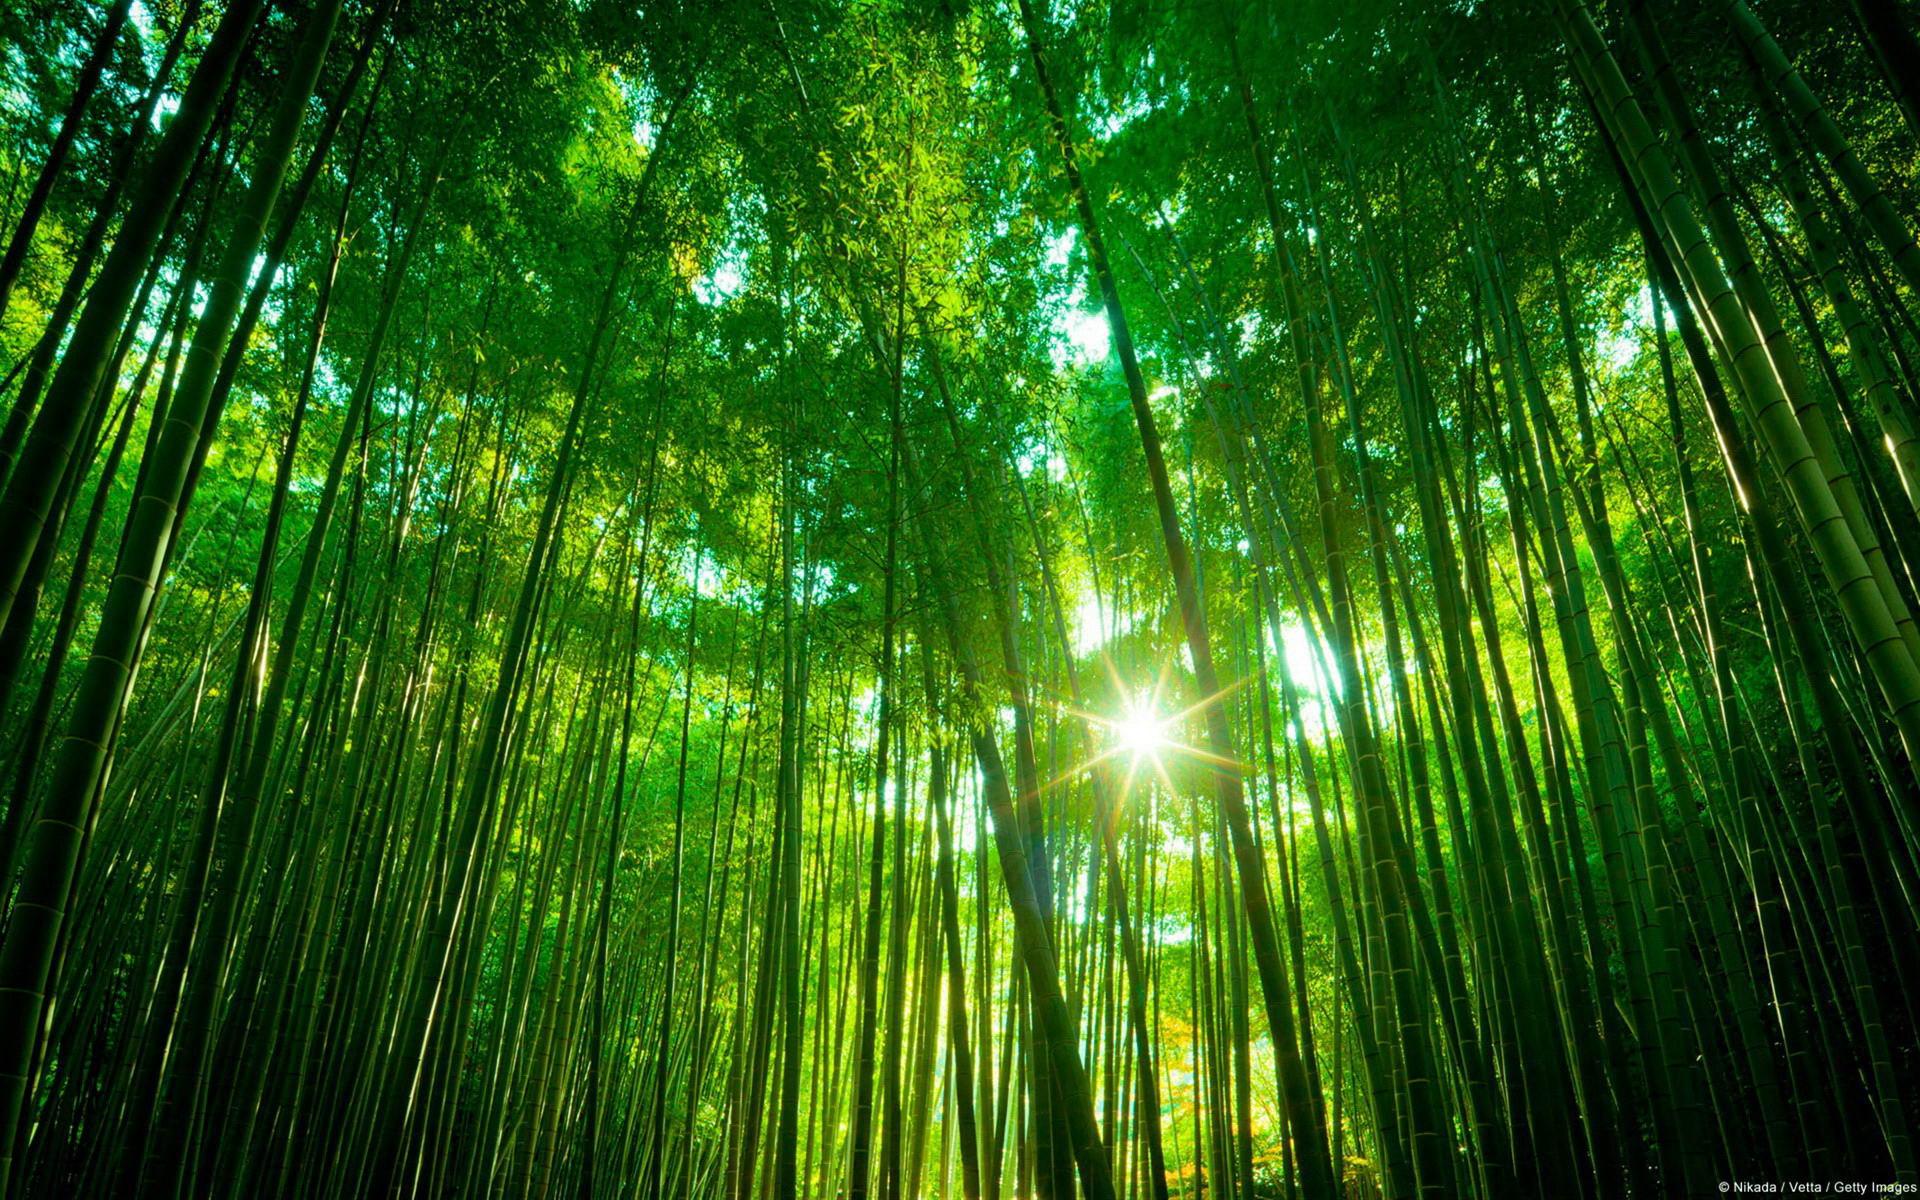 摄影风景-绿色竹林景观04(1920x1200)壁纸